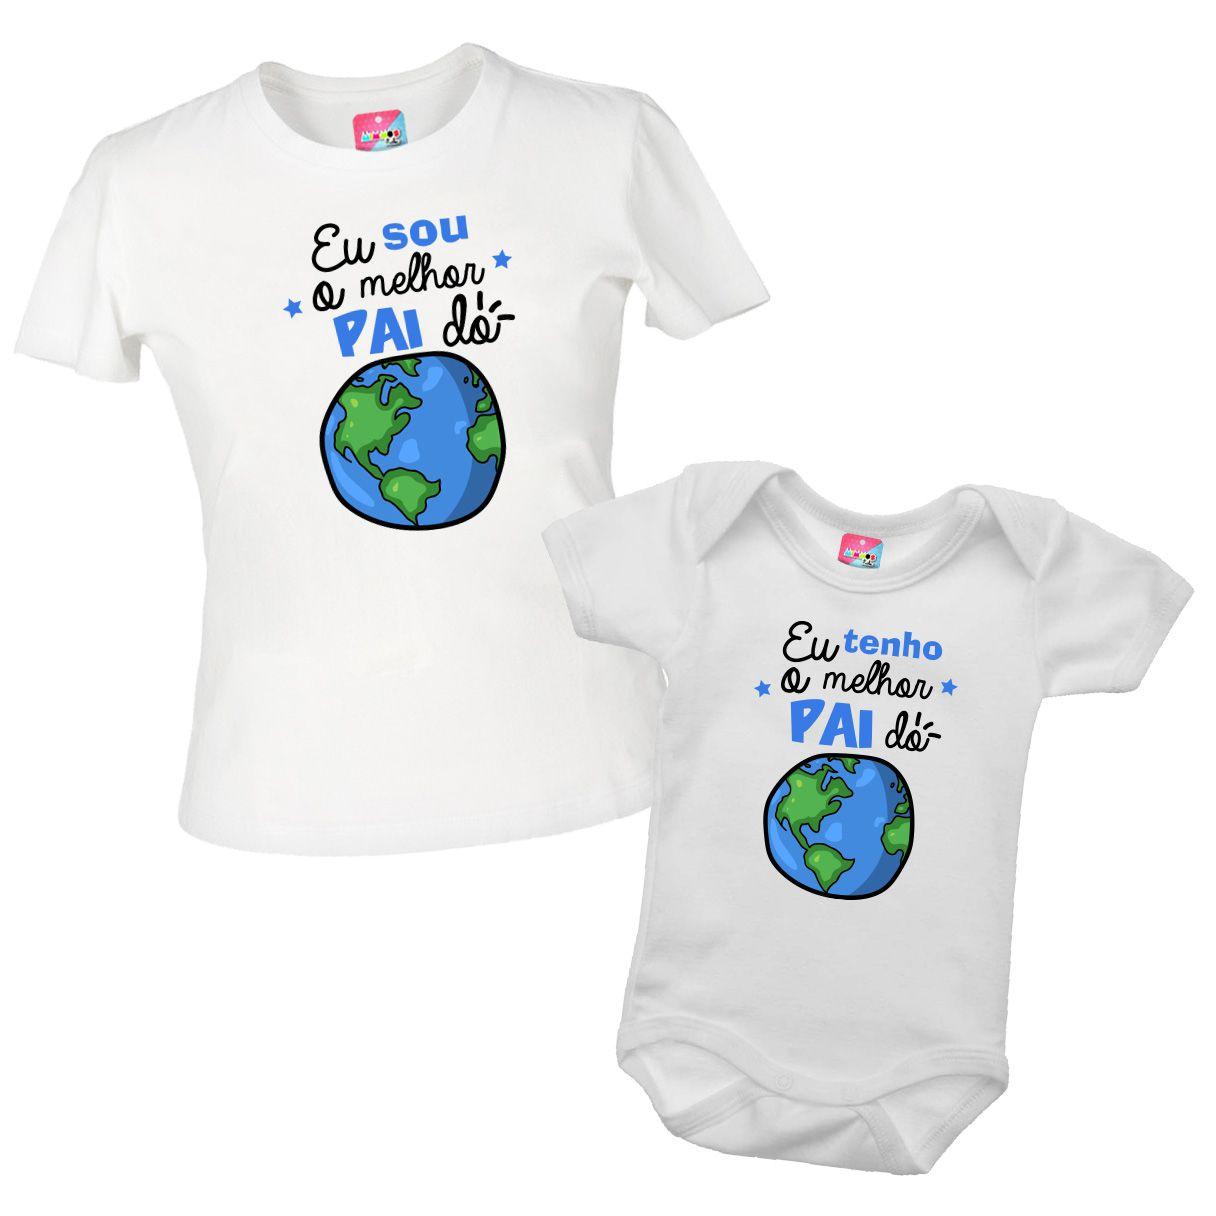 Kit camiseta e body - O melhor pai do mundo